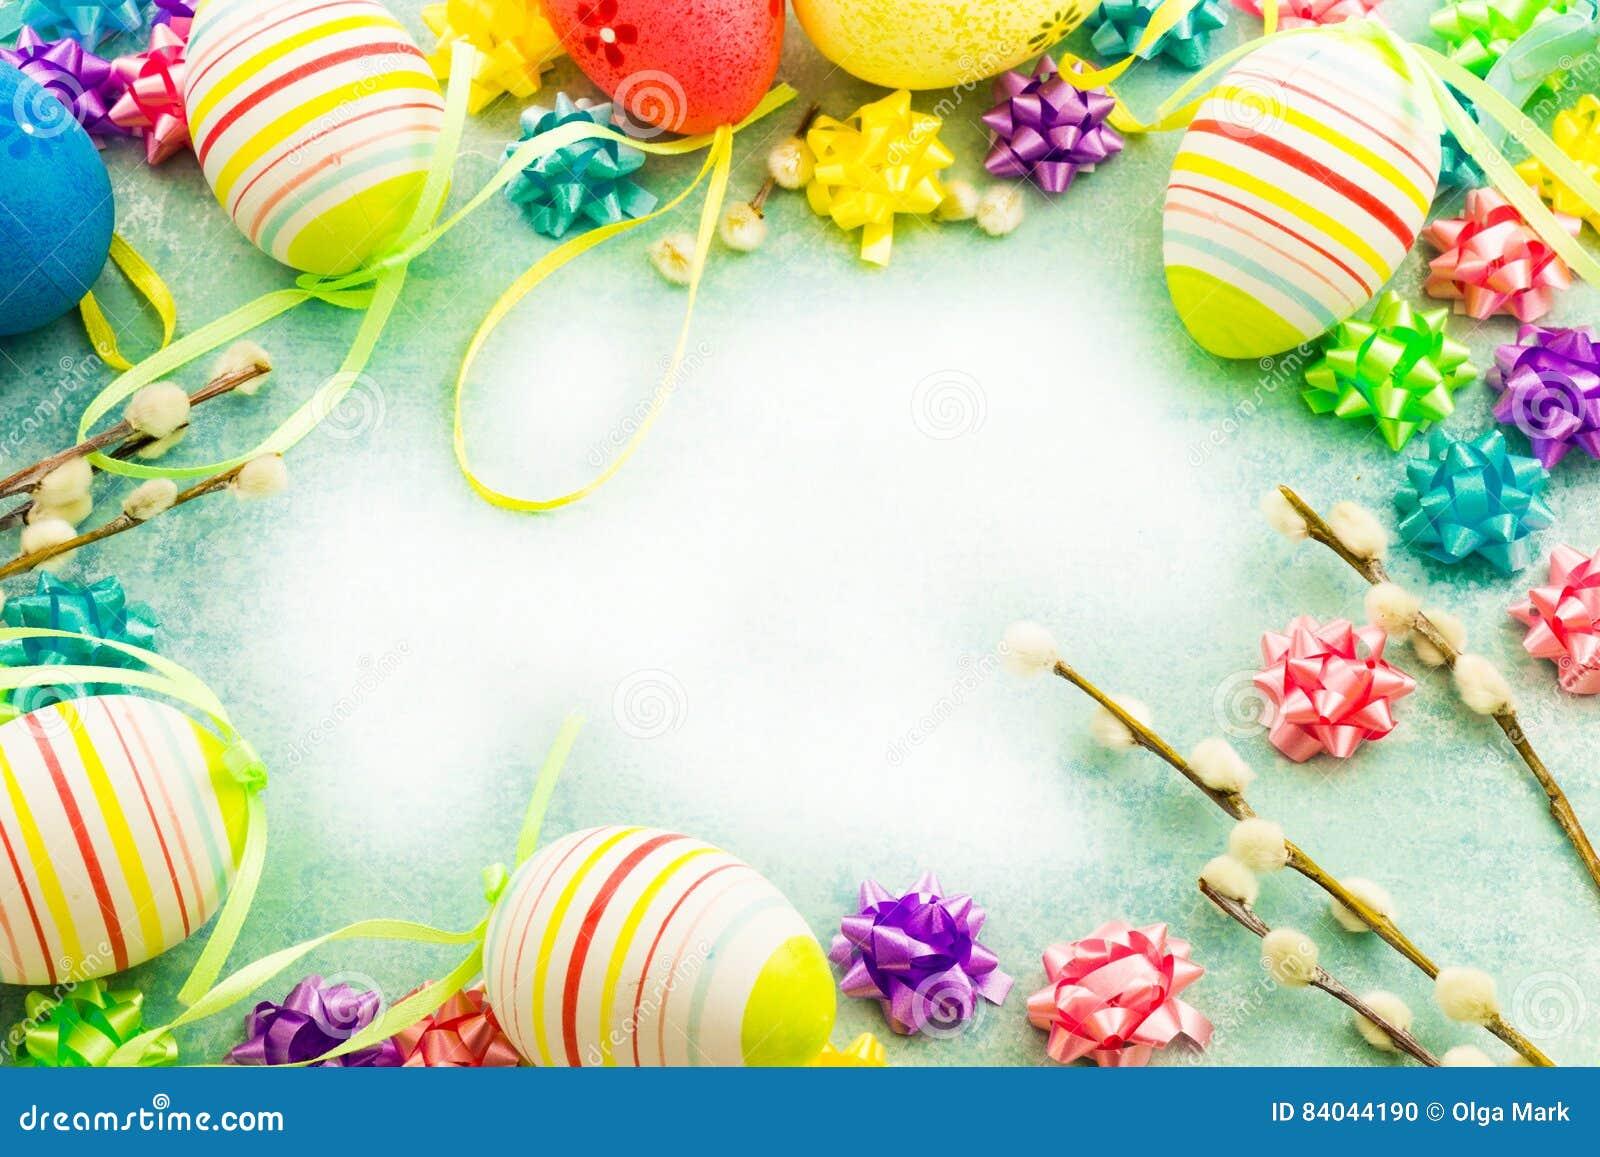 Bunte Eier Ostern, Rahmen stockfoto. Bild von schön, bogen - 84044190